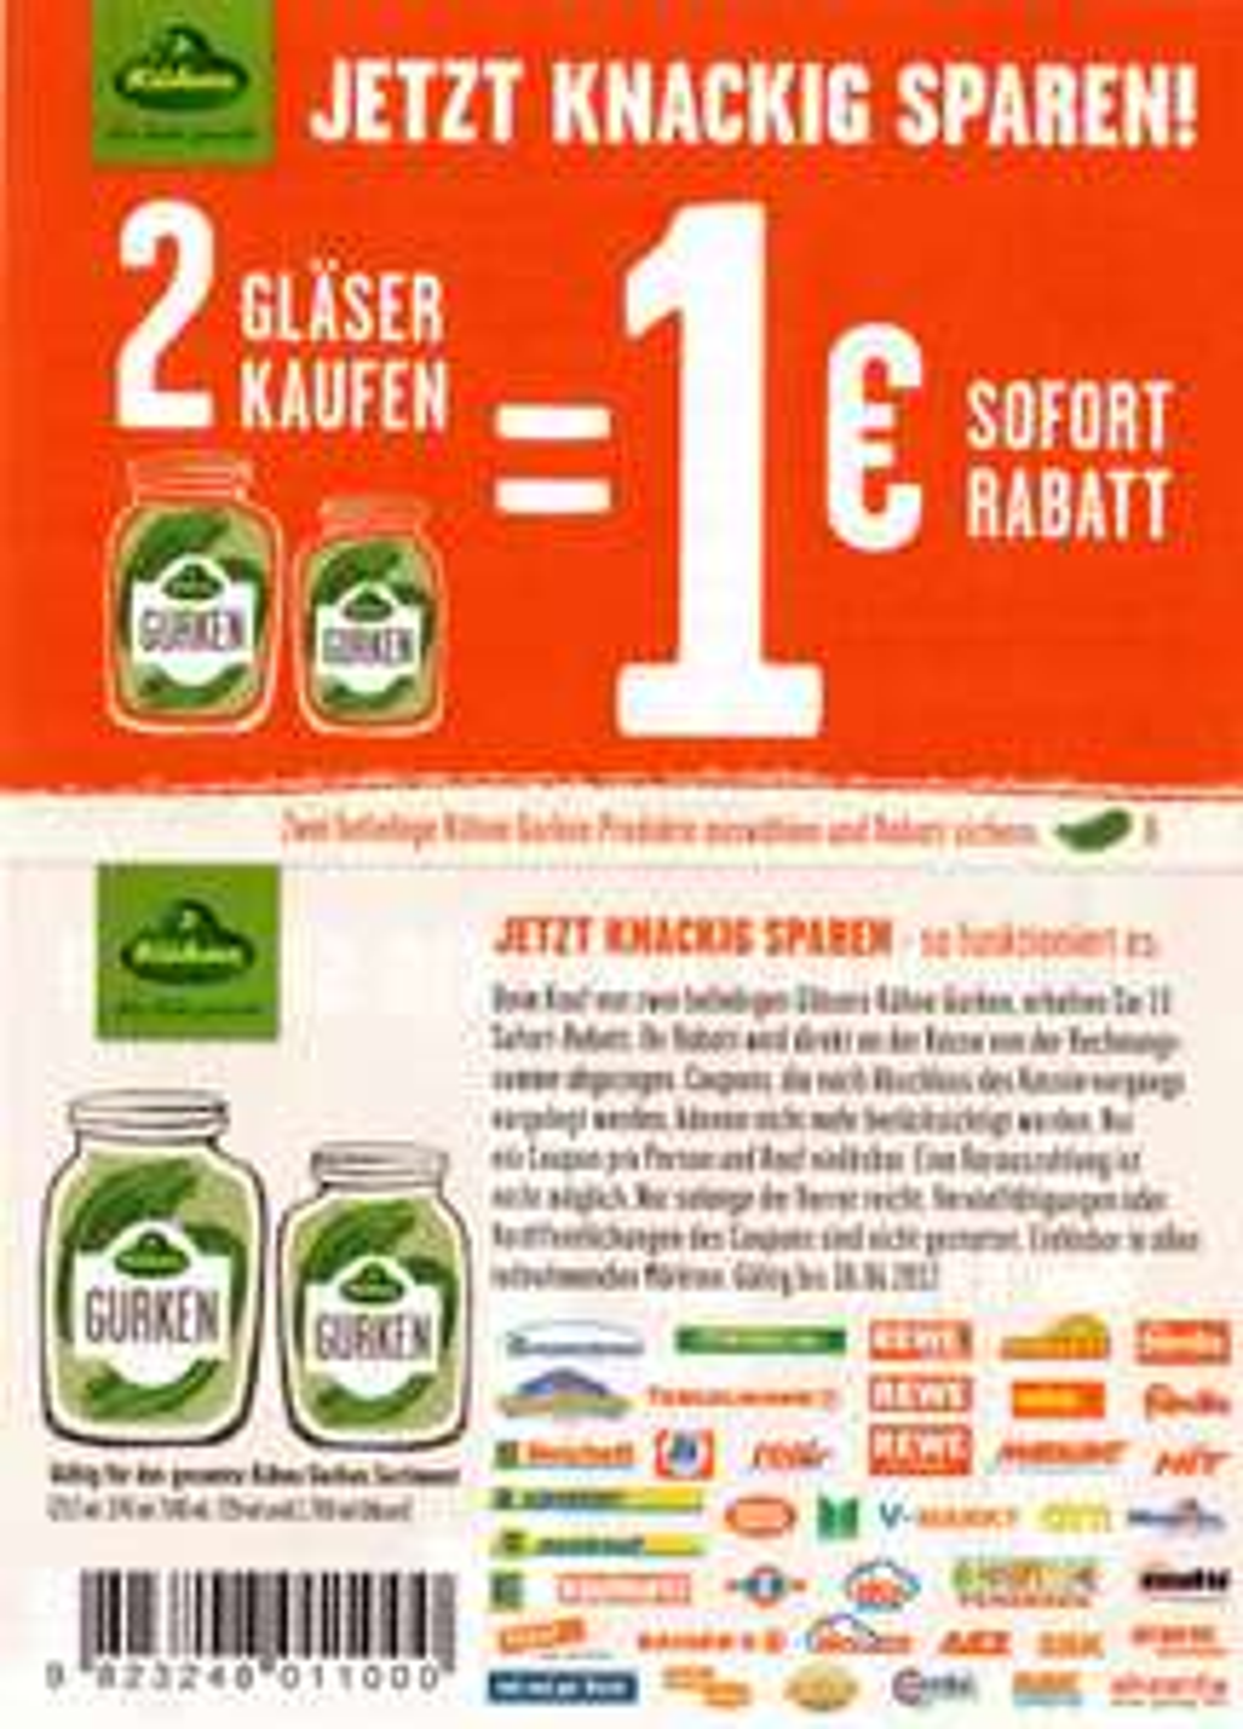 Neuer Kühne 1€ Sofort-Rabatt Coupon auf 2 Gläser Kühne Gurken (bundesweit)